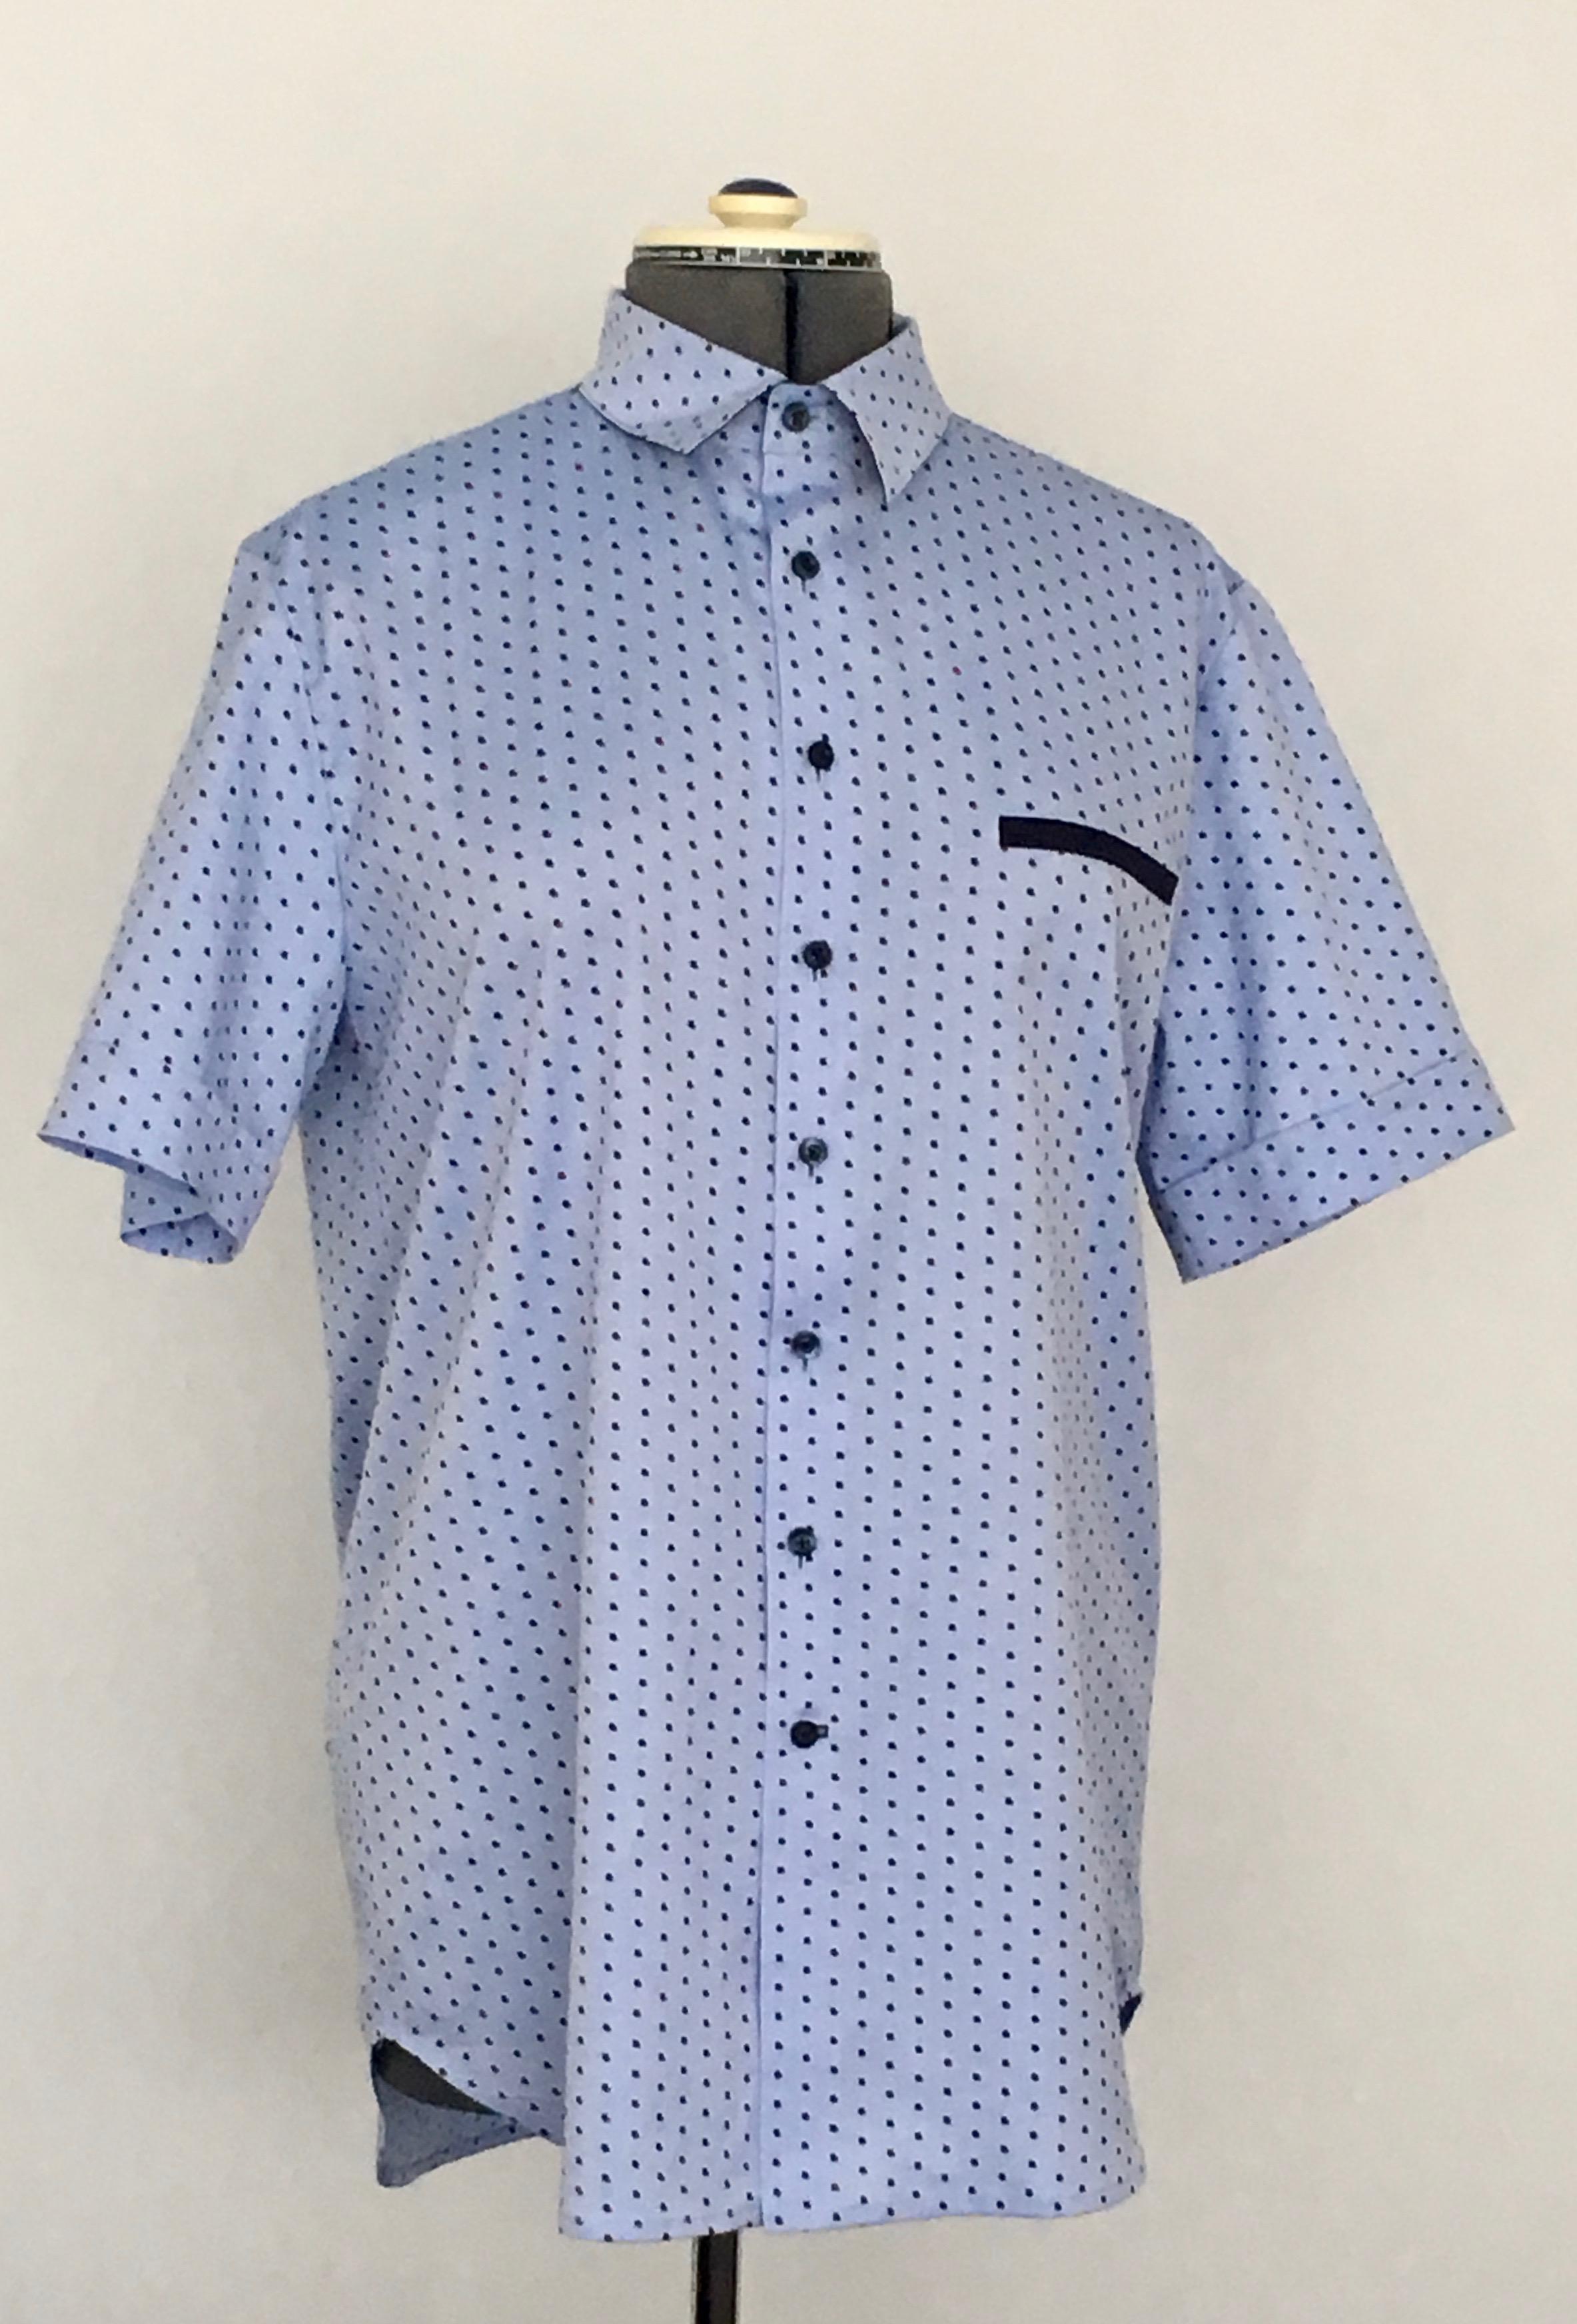 LMV Bernie Hemd licht blauwe versie